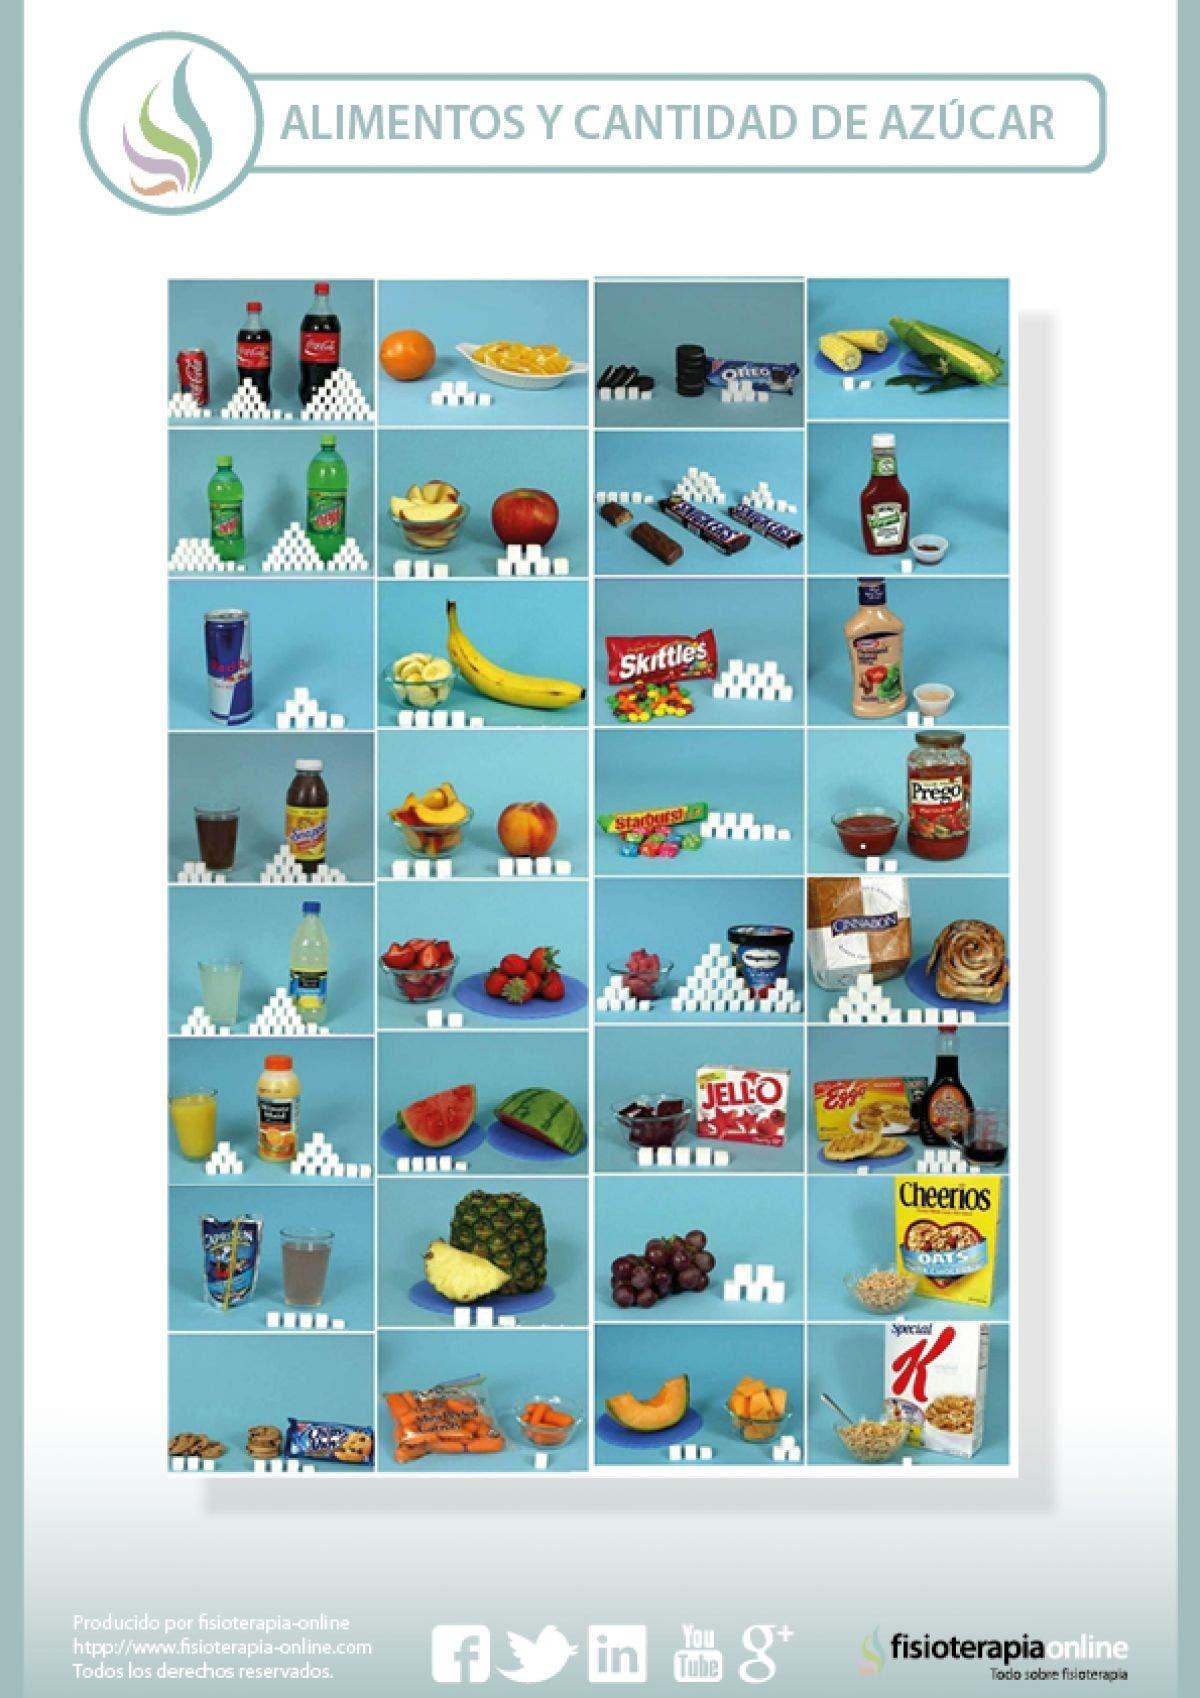 el azúcar una adicción invisible, azúcares libres